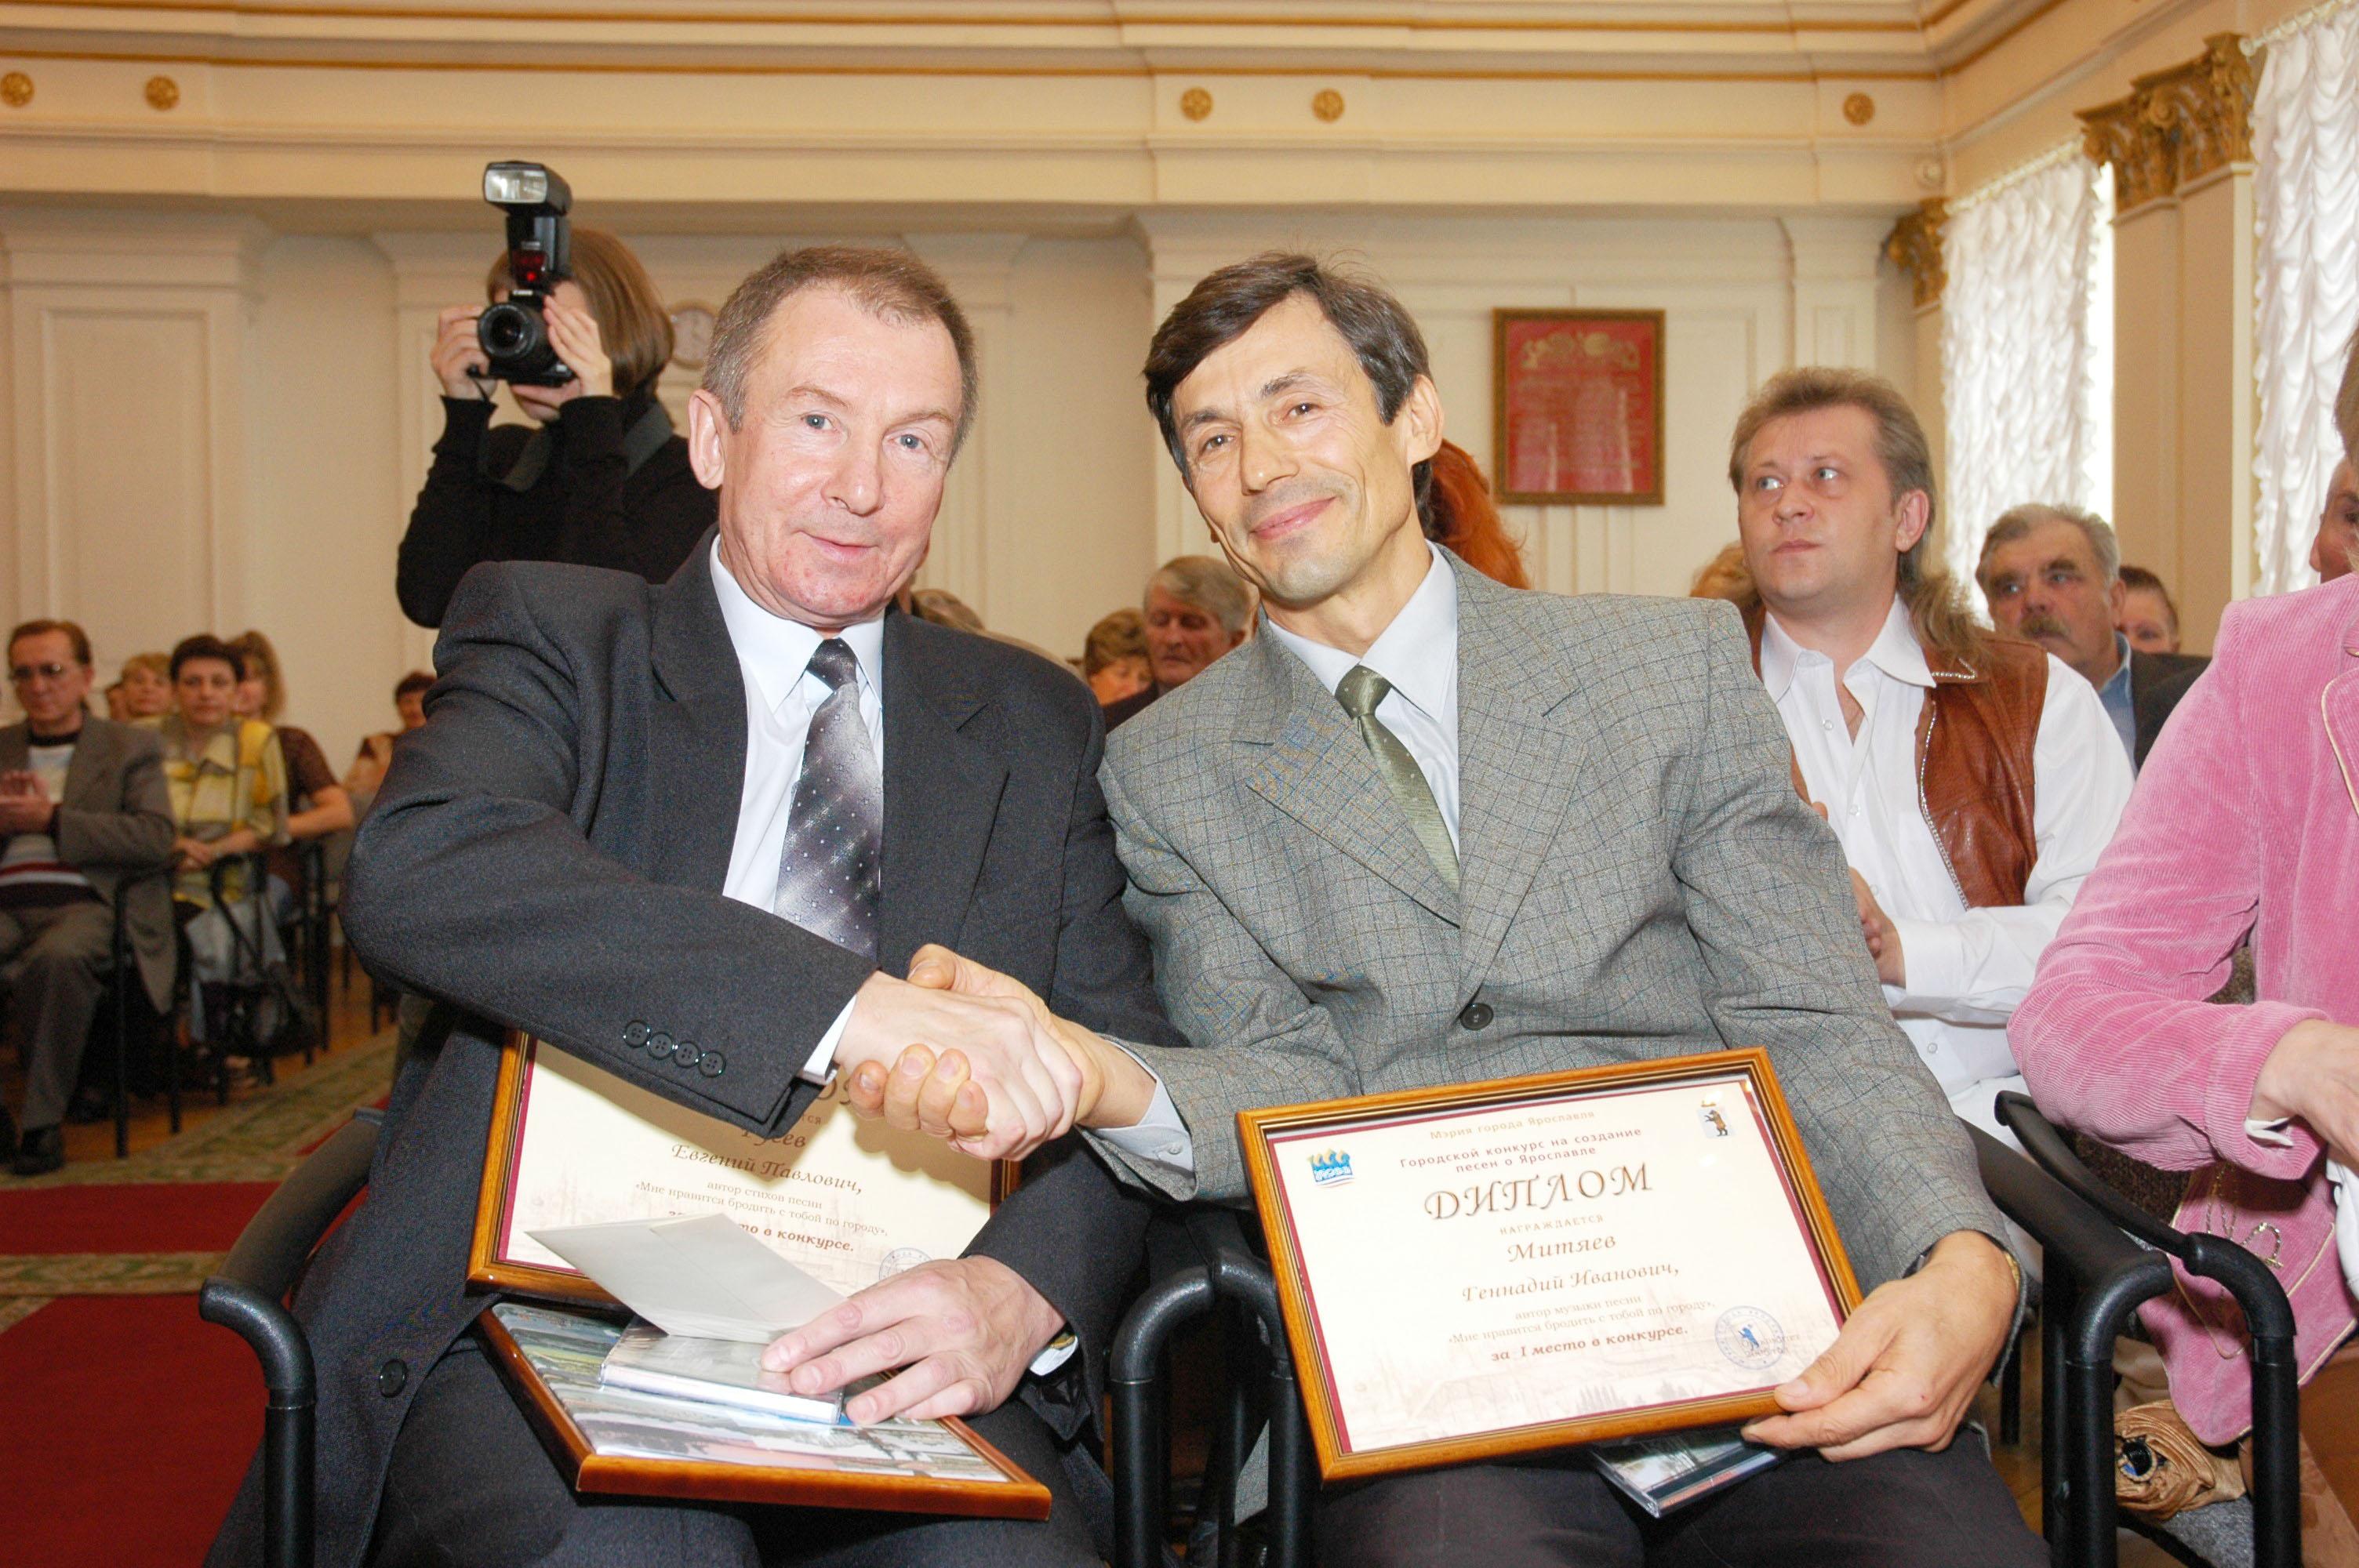 Е.Гусев и Г.Митяев